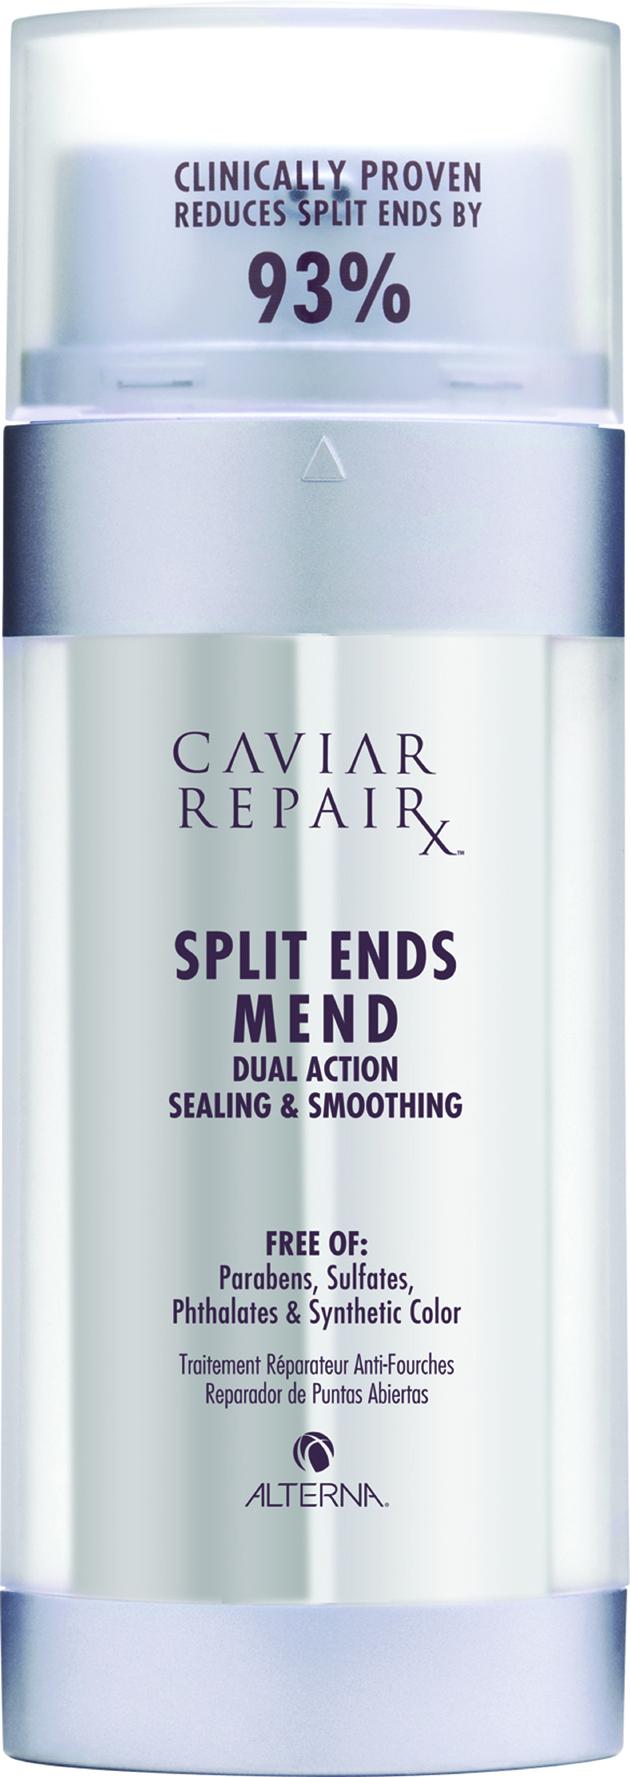 CAV_Repair_Split_Ends_Mend_1oz-2